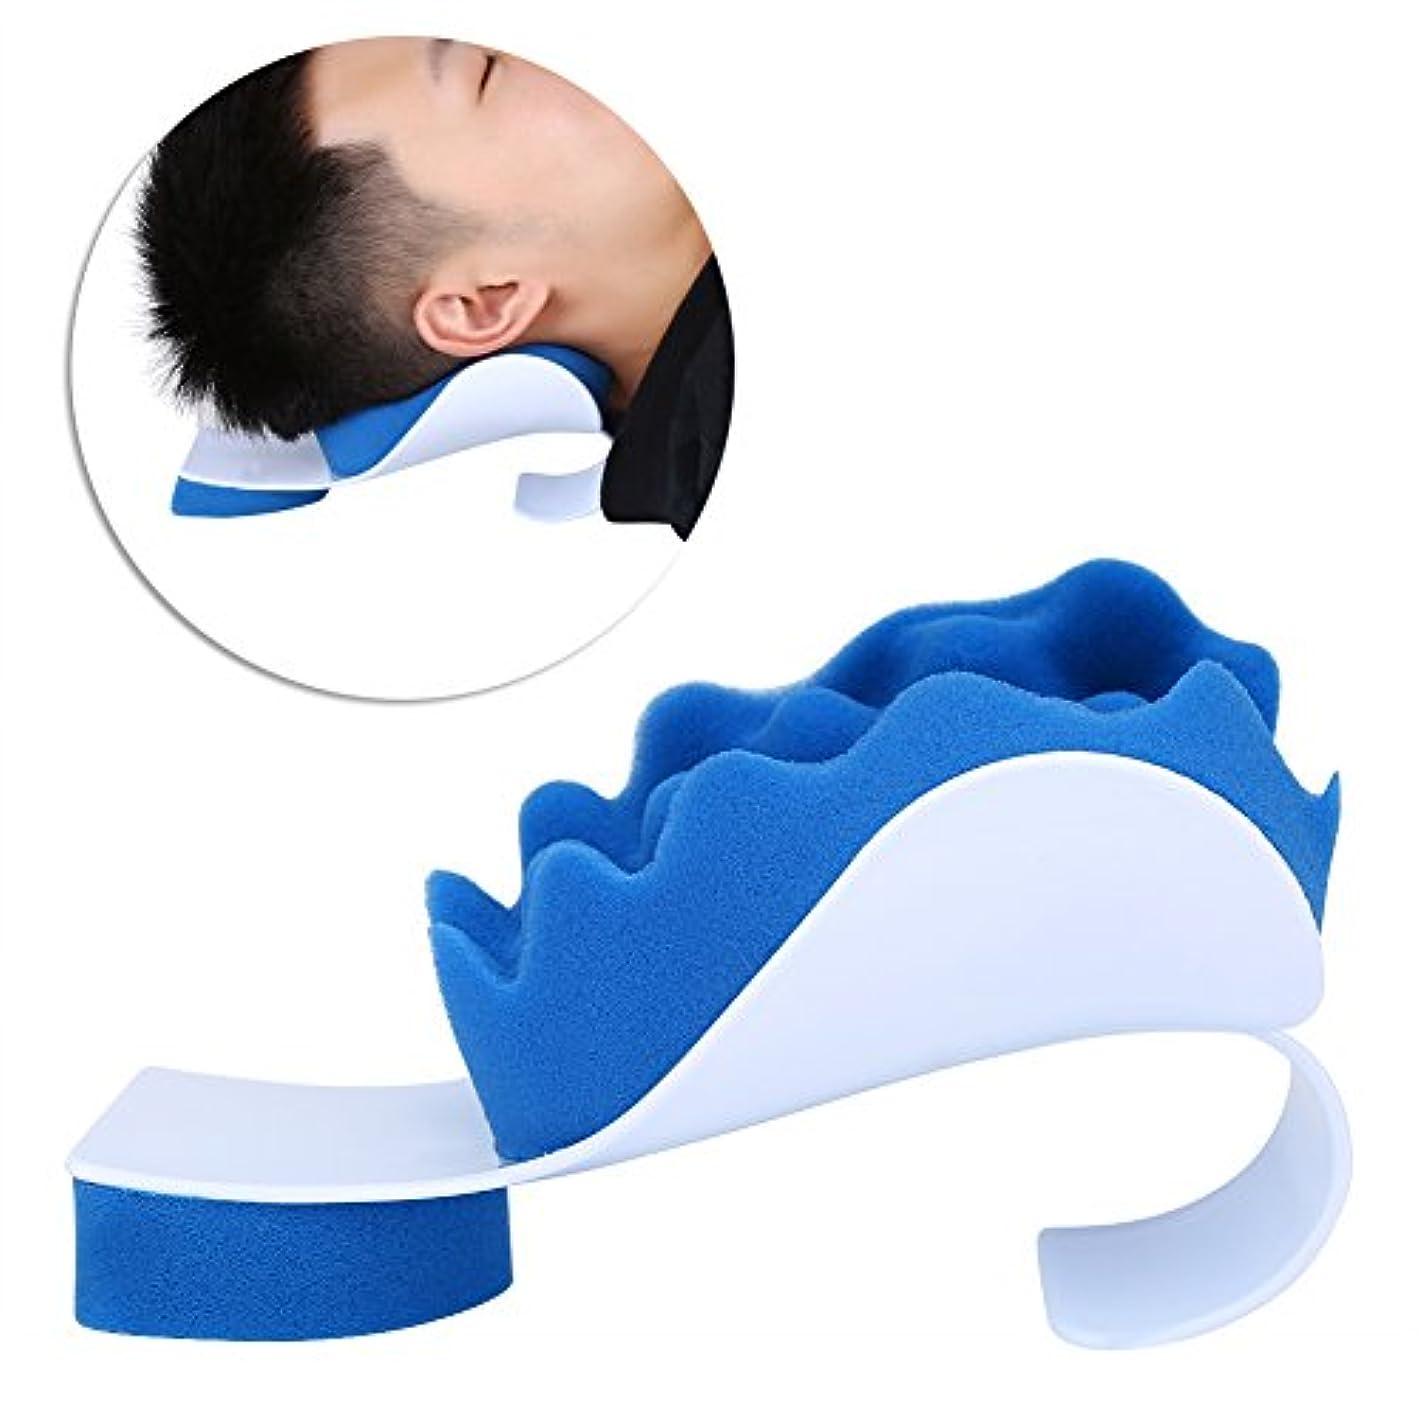 助けになる大事にする南東マッサージ枕 首ストレッチャー ネック枕 ツボ押し リラックス ストレス解消 頚椎/首筋矯正 首筋押圧 肩こり 首こり 改善